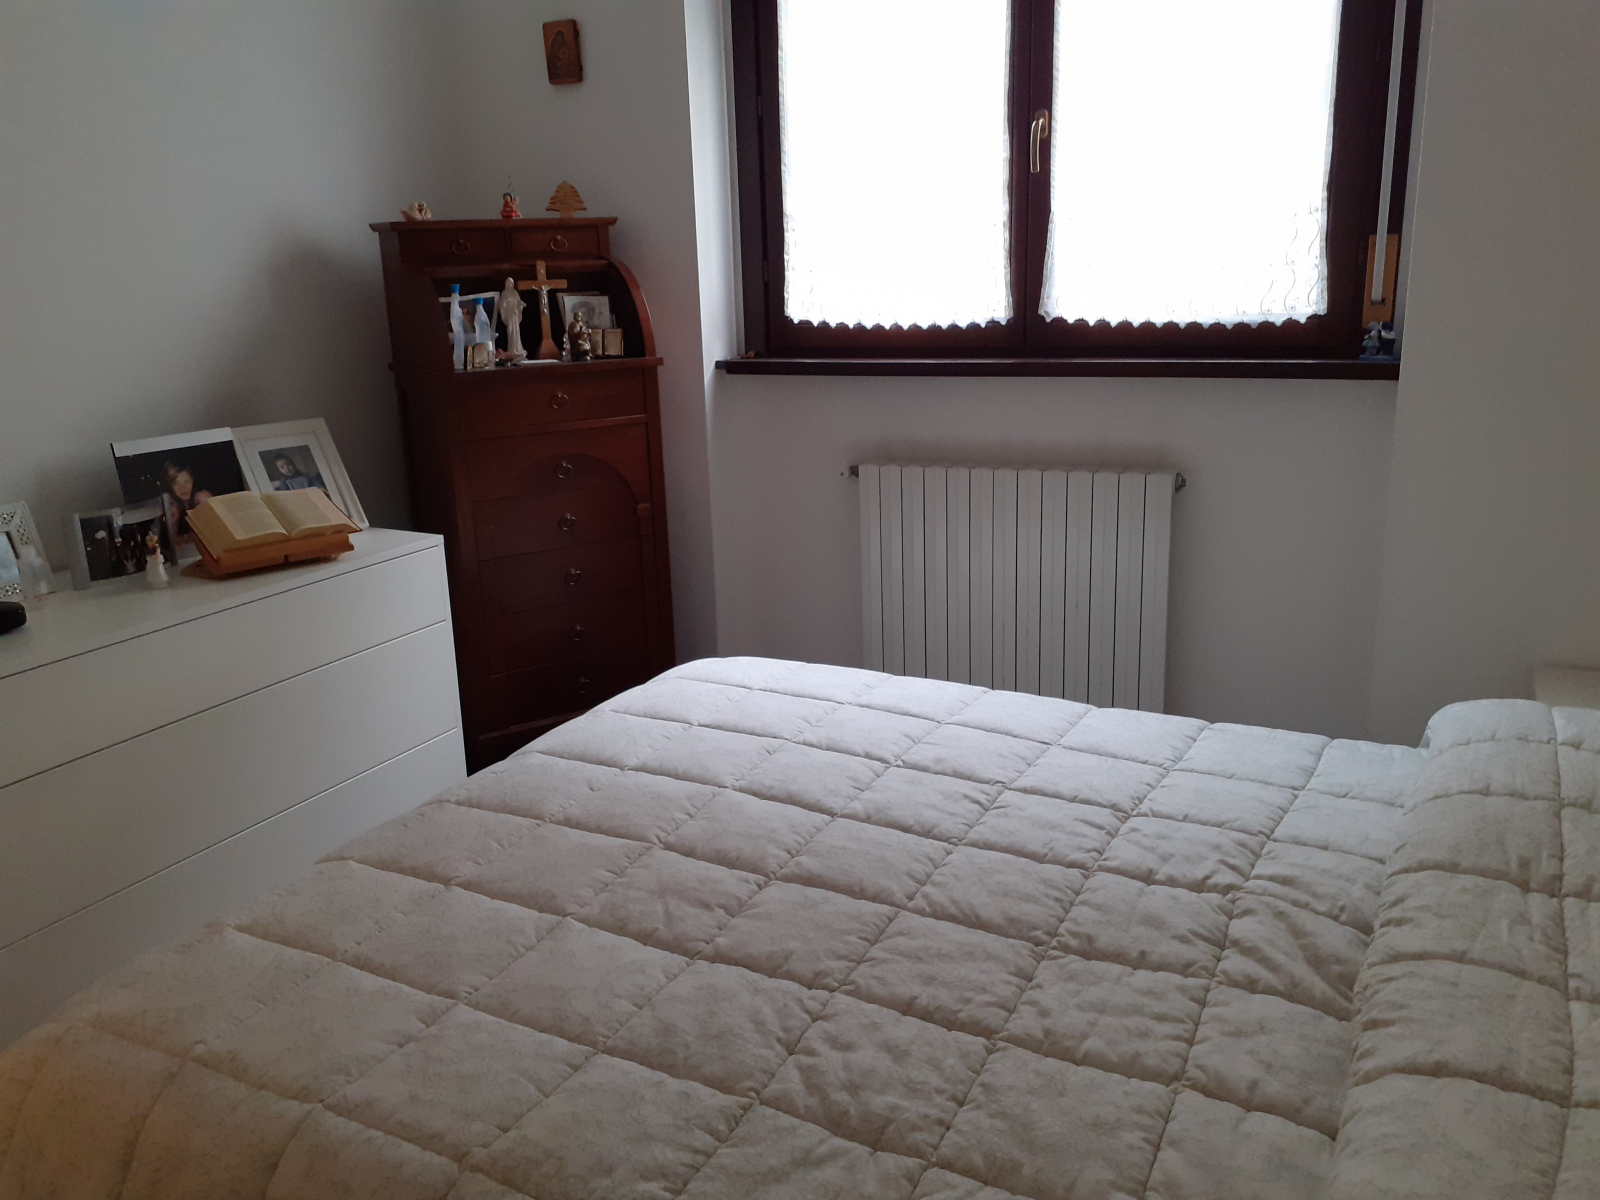 appartamento-in-vendita-a-milano-san-siro-via-capecelatro-spaziourbano-immobiliare-vende-6